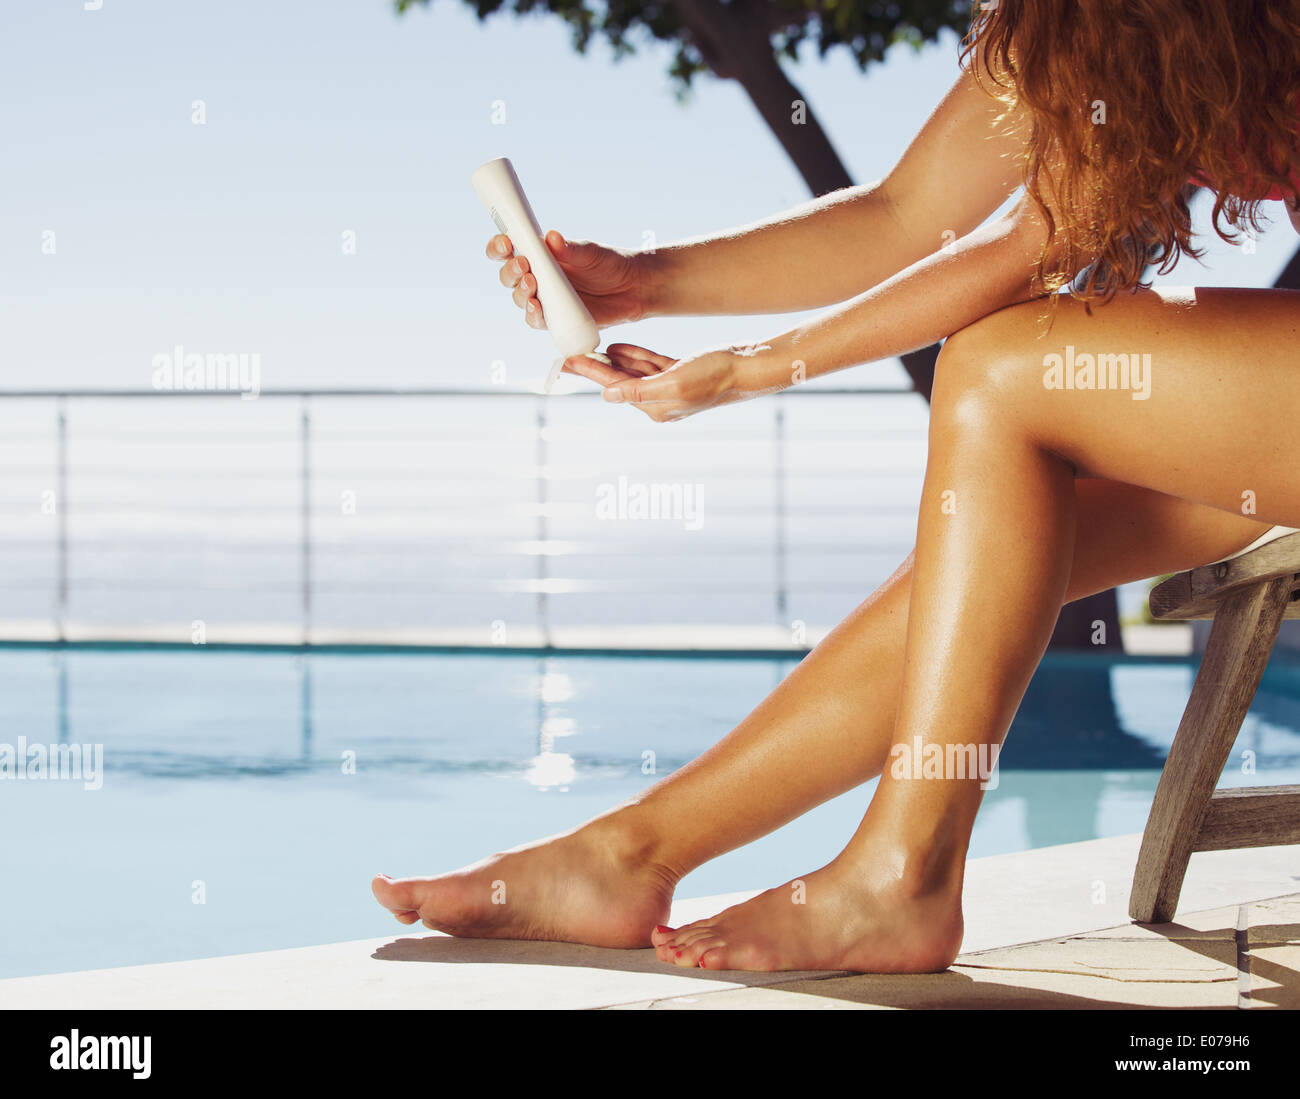 Donna seduta sulla sedia a sdraio in piscina e l'applicazione di crema solare su le sue gambe. Modello femminile a prendere il sole a bordo della piscina. Immagini Stock